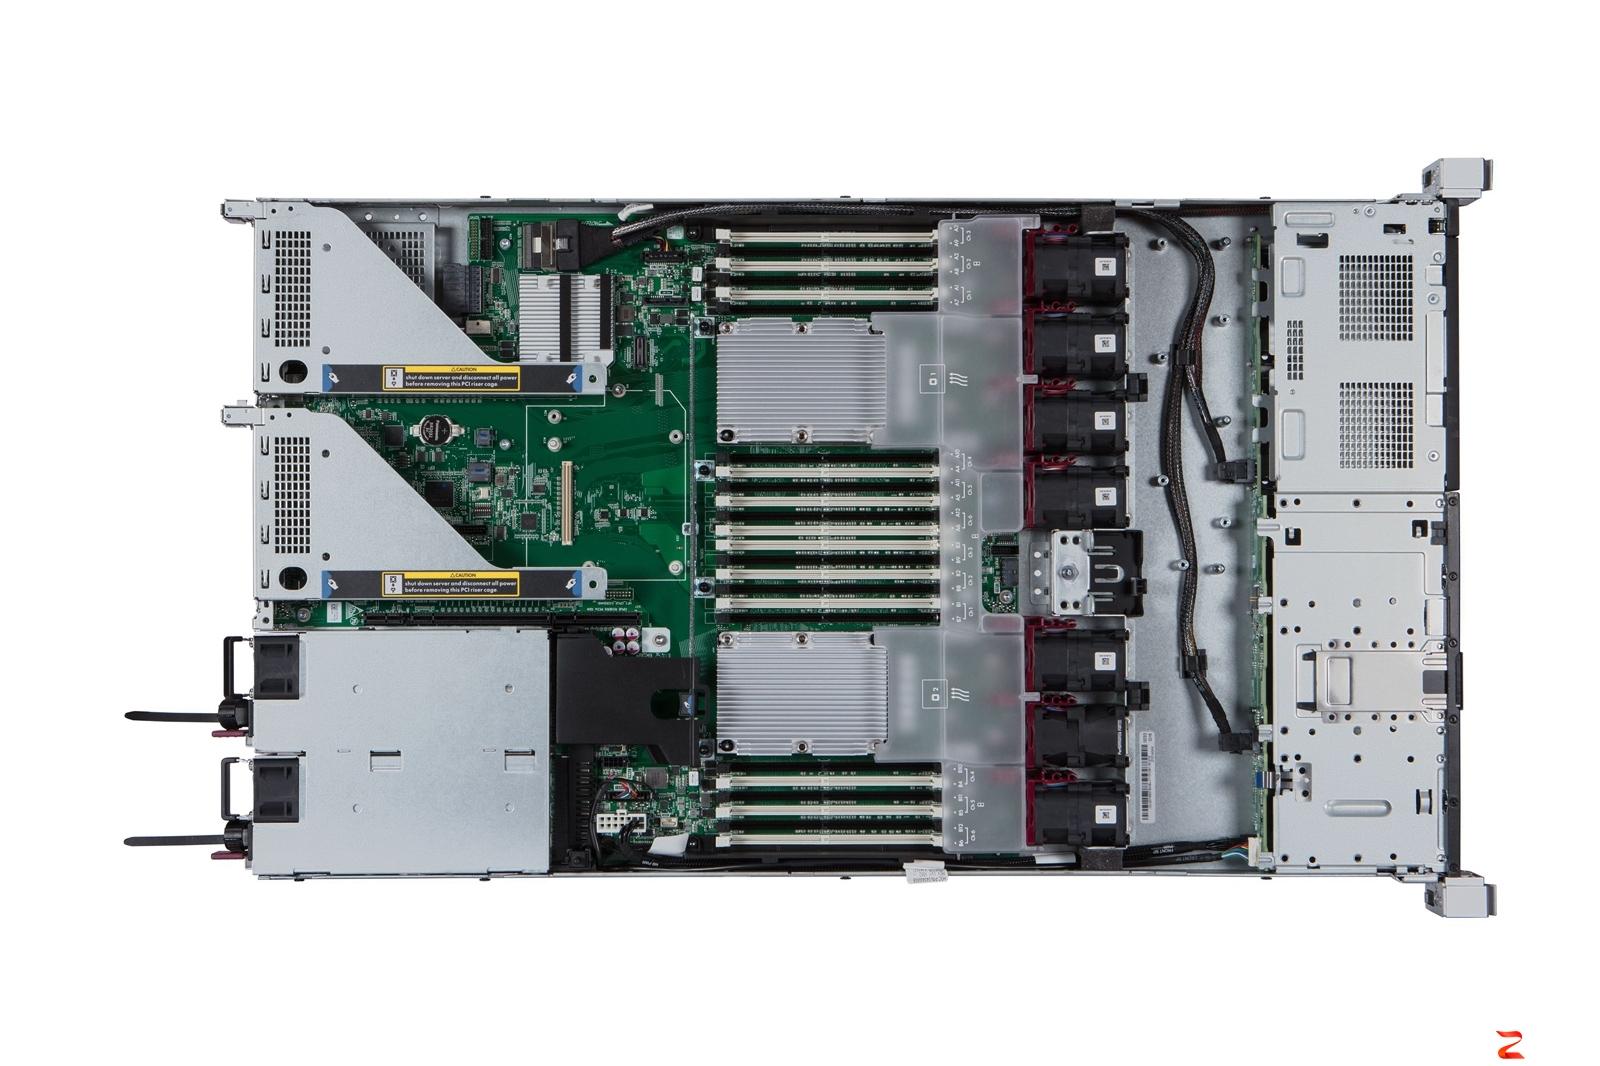 新华三H3C R4700 G3高密机架服务器评测